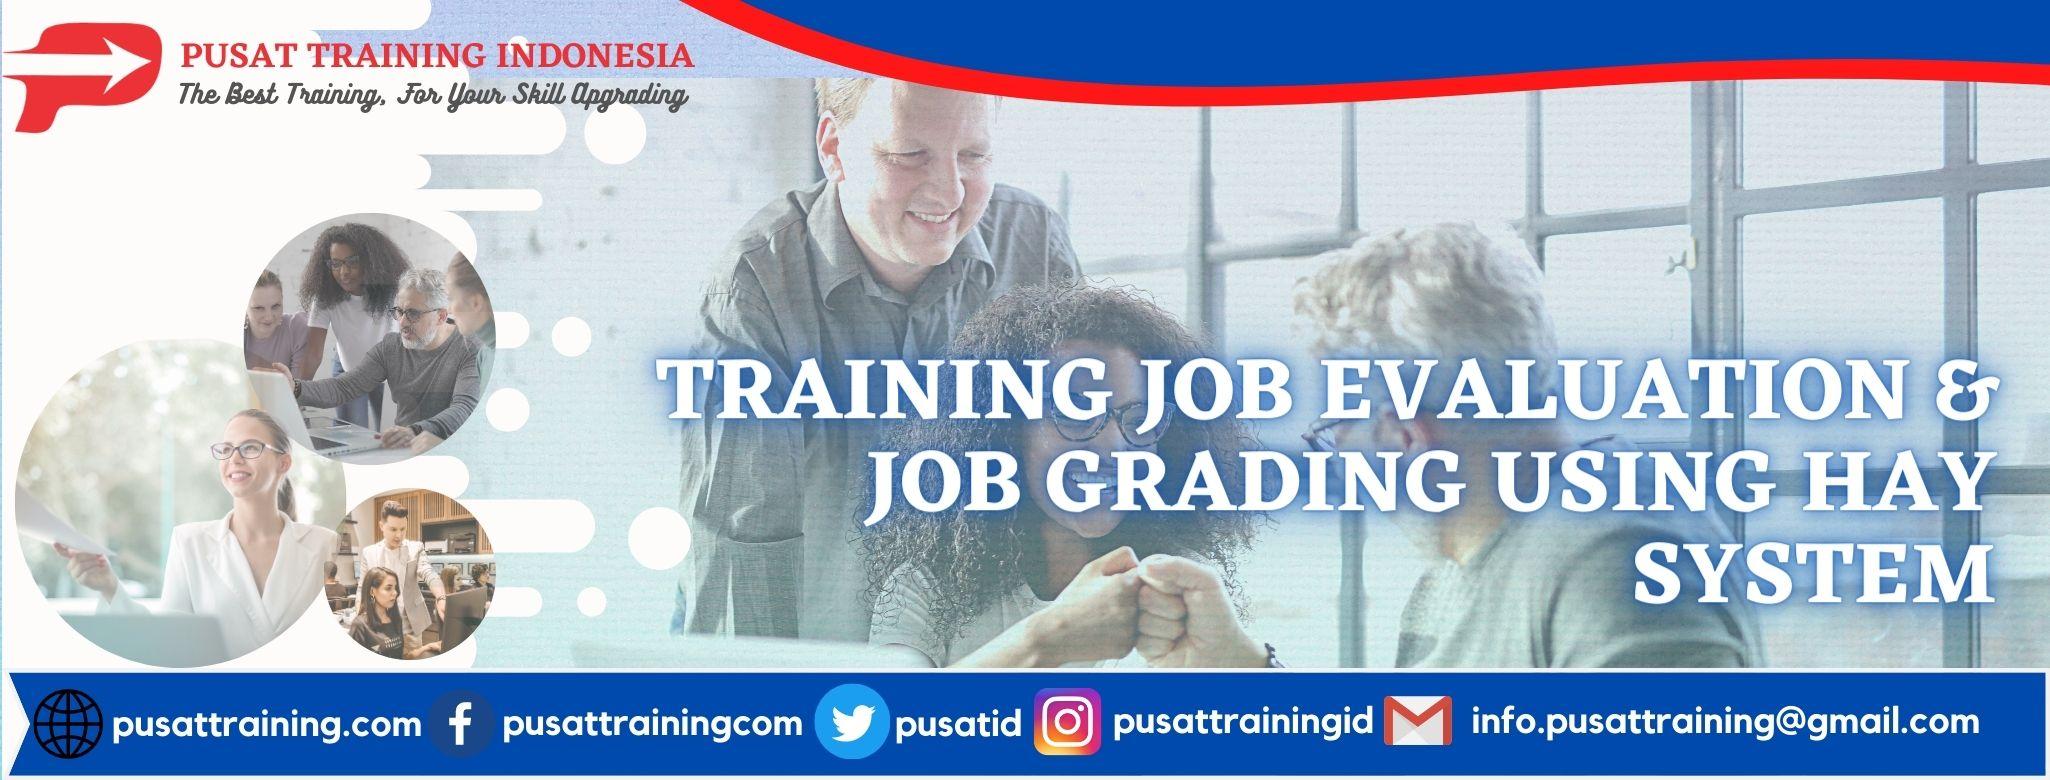 training-job-evaluation-job-grading-using-hay-system